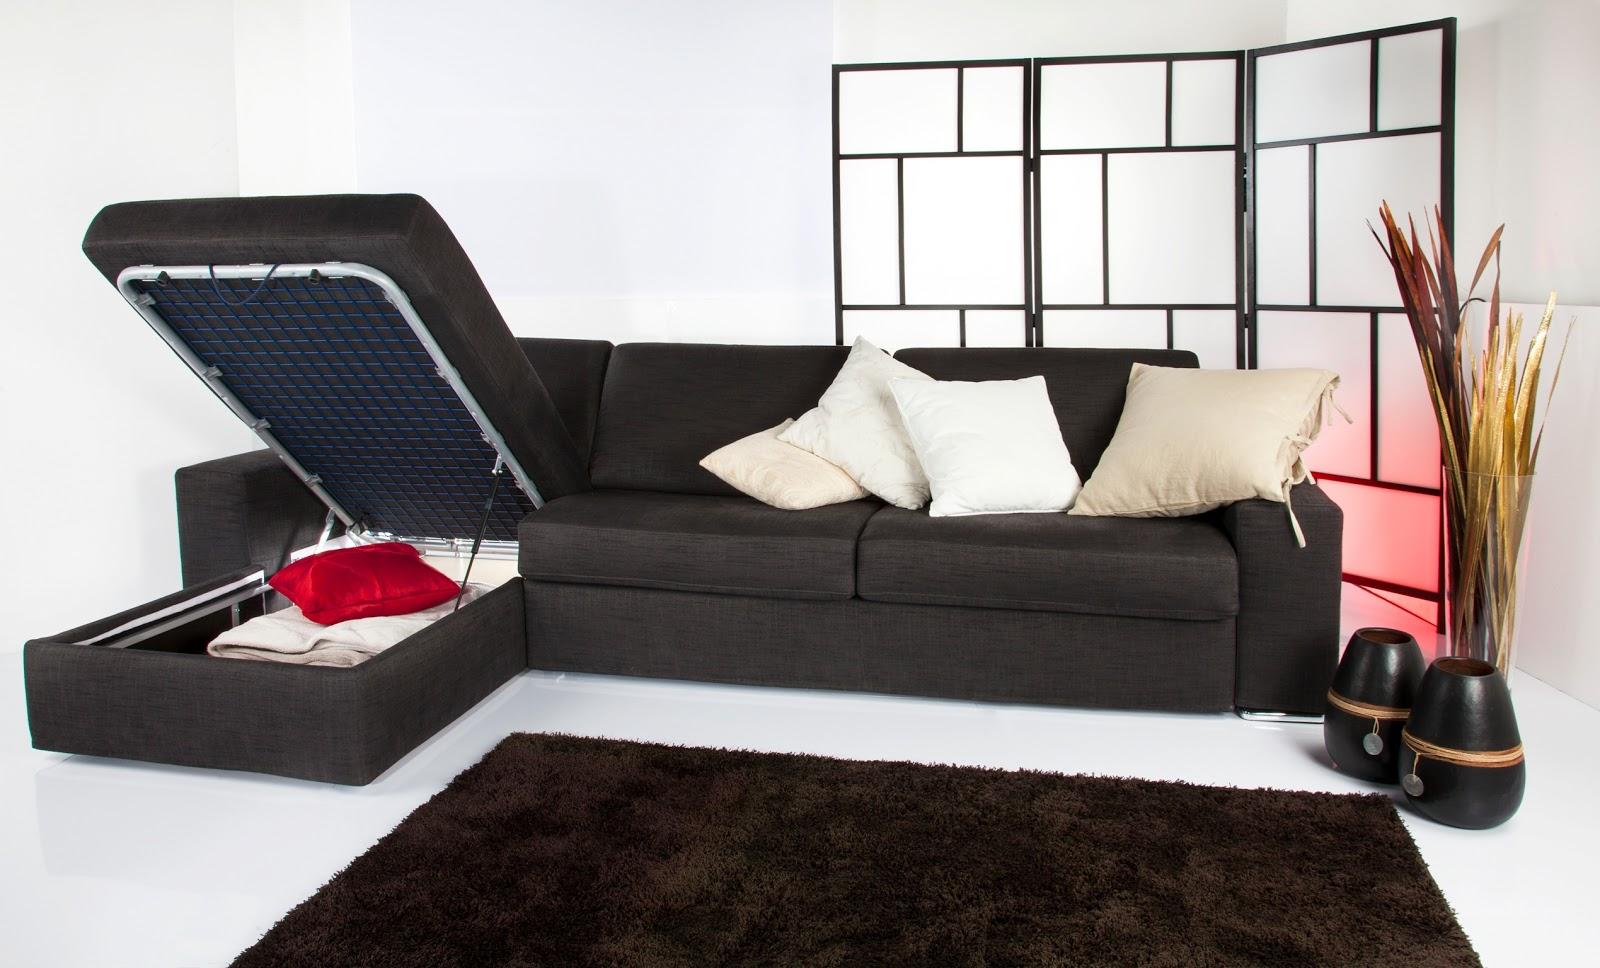 Divani blog tino mariani nuove immagini del divano for Divano letto l